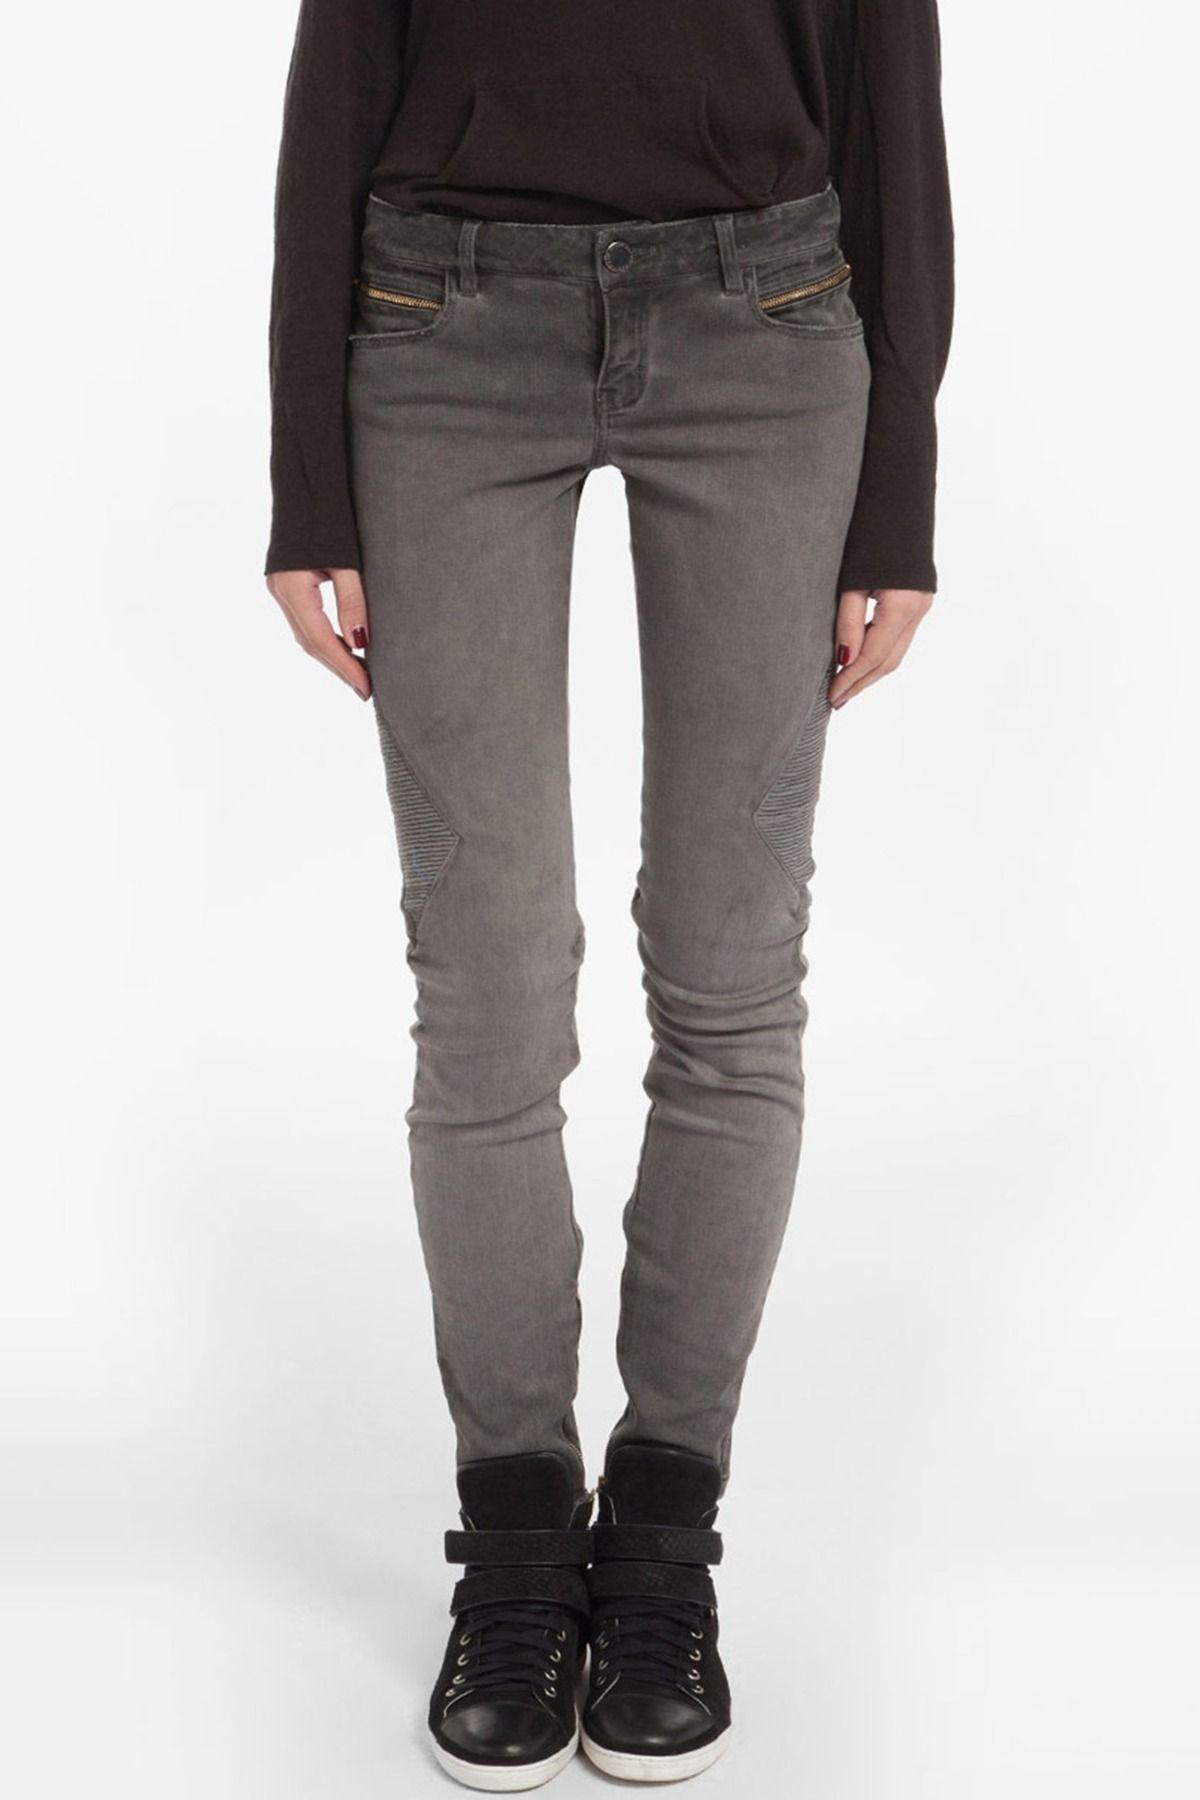 Maje | 'Diabolo' Skinny Jeans | Skinny jeans, Skinny, Maje